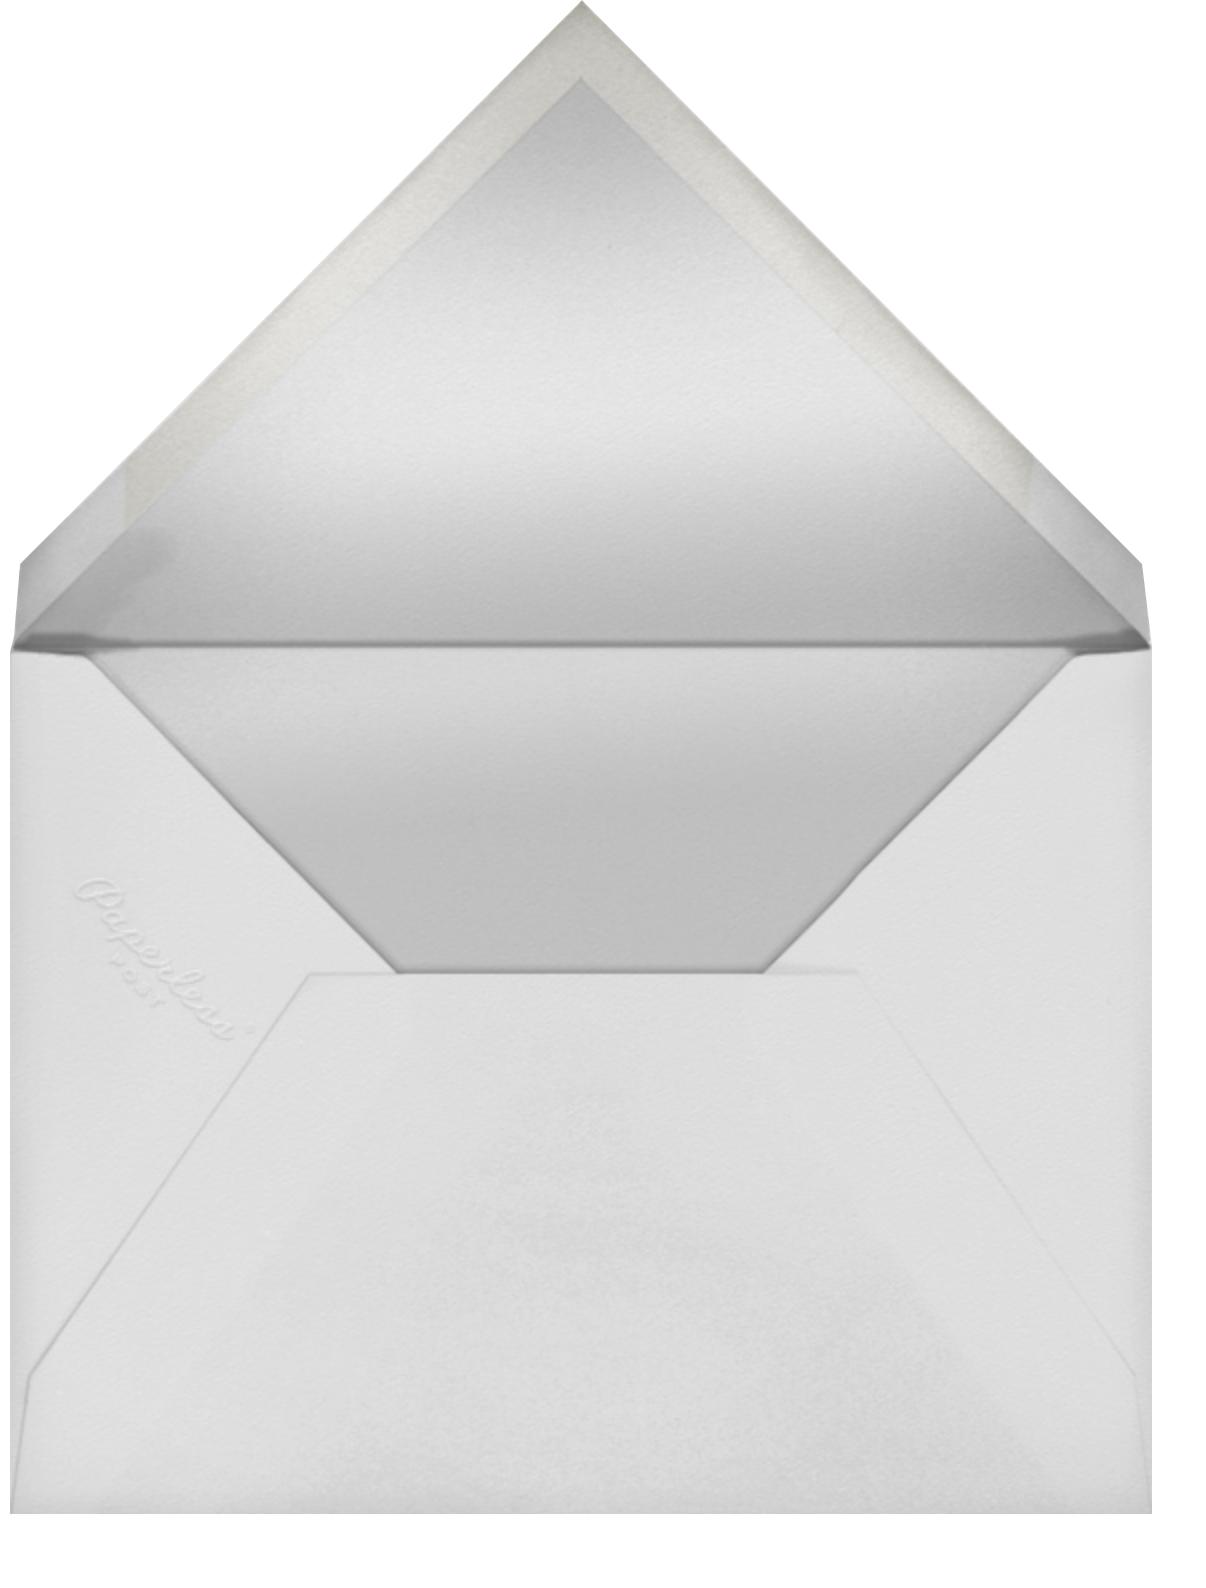 Willowmarsh (Menu) - Tea Rose - Paperless Post - Menus - envelope back